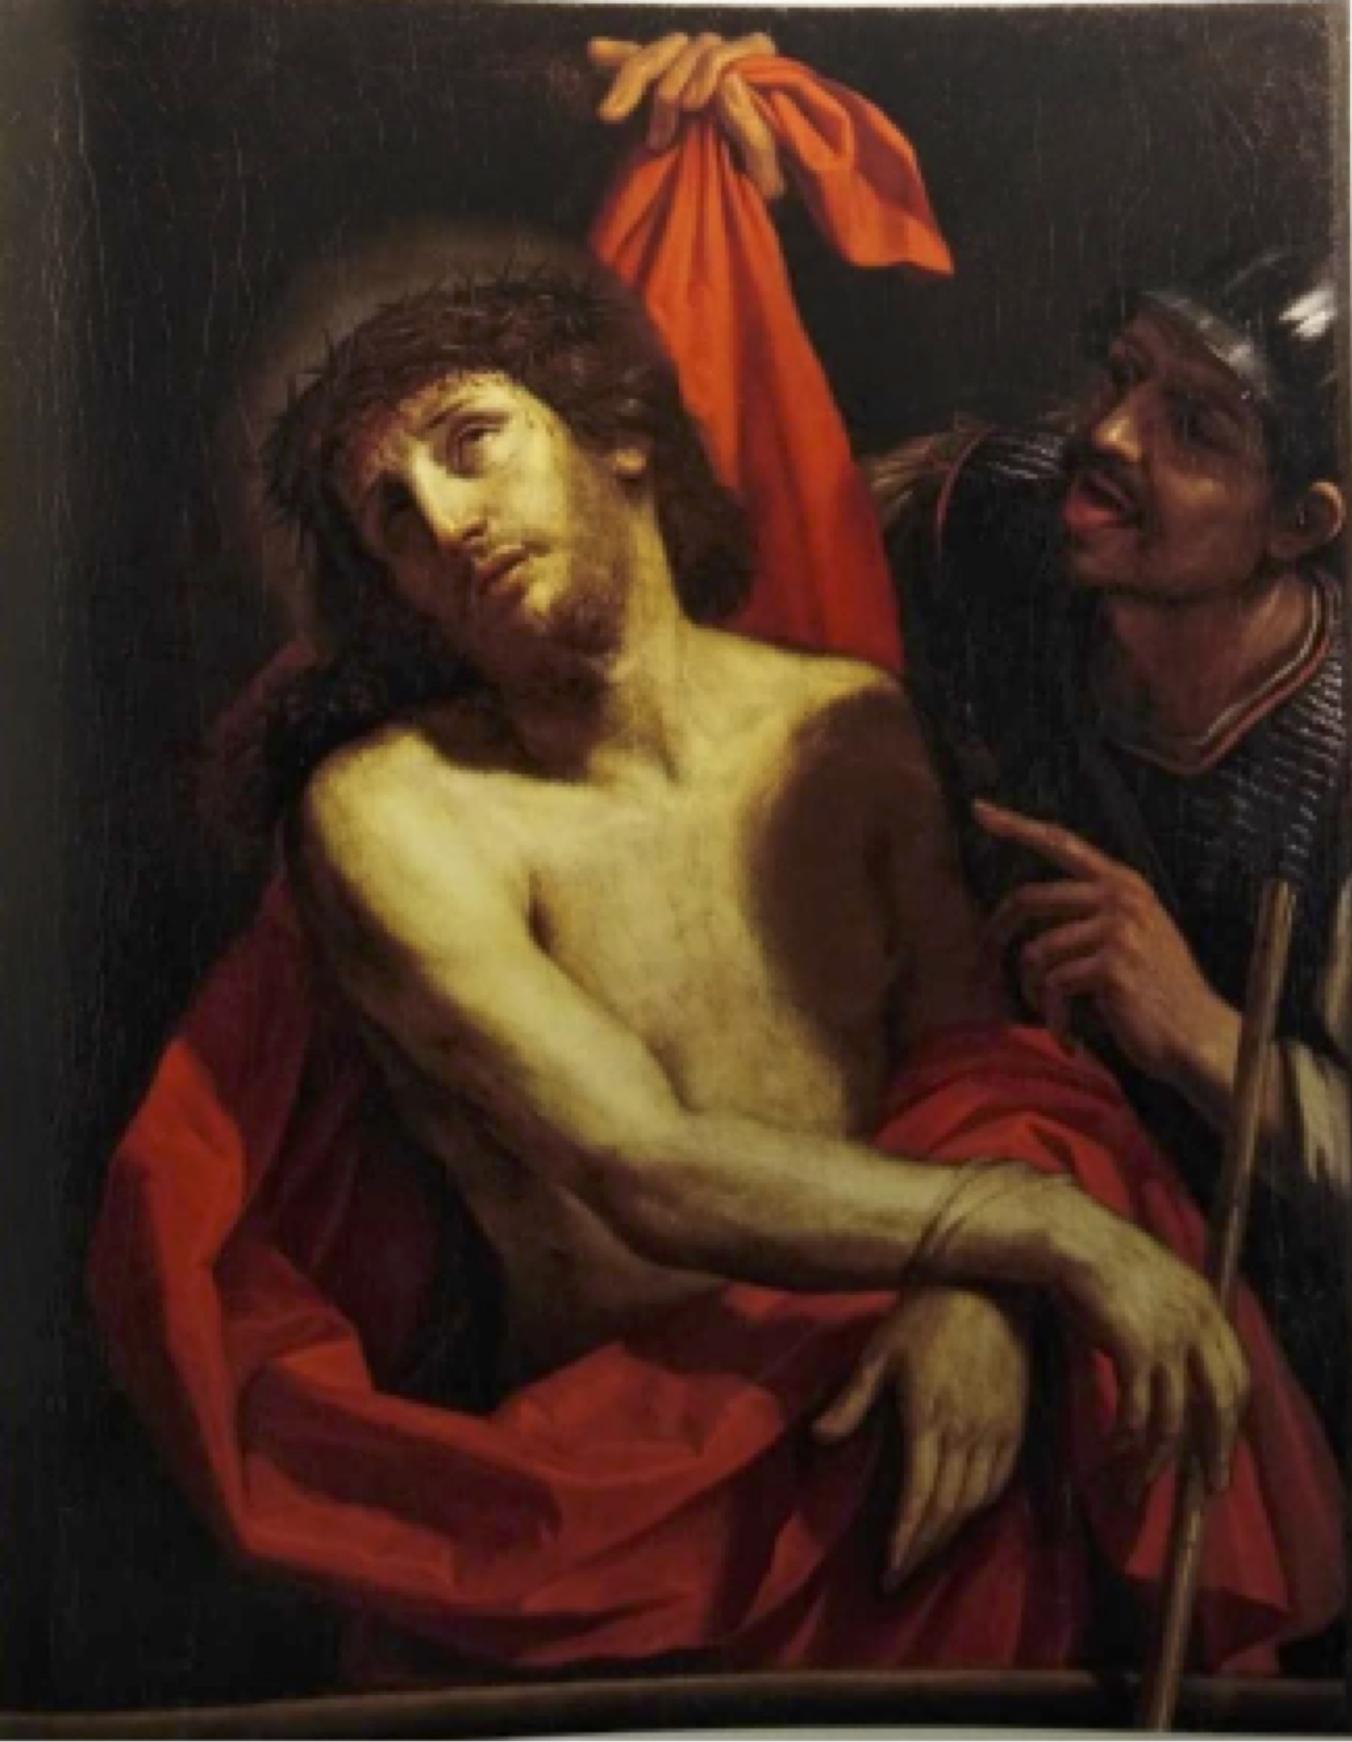 Fig. 3 - Cesare Gennari, Cristo deriso, post 1668, già Bologna, Gallerie Gilberto Algranti, vendita 18 marzo 1989, n. 82